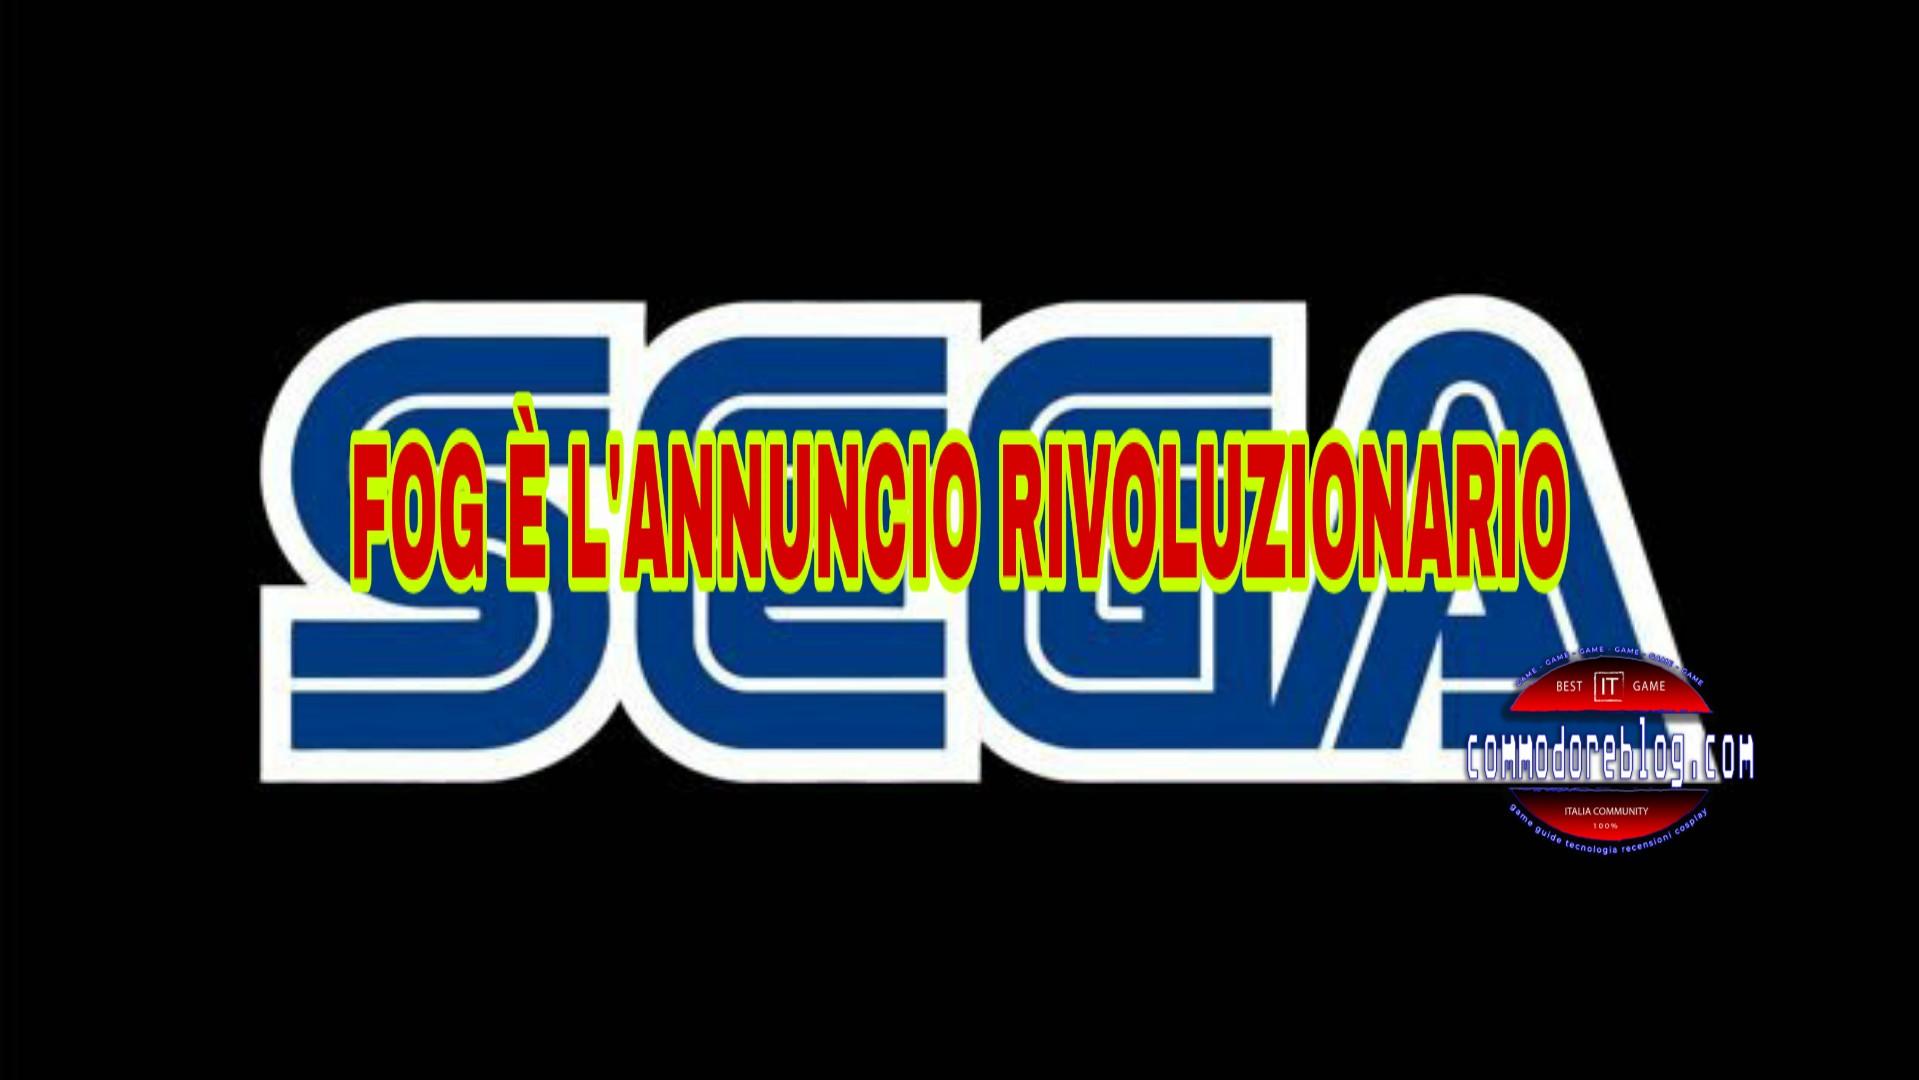 Sega : FOG è l'annuncio rivoluzionario